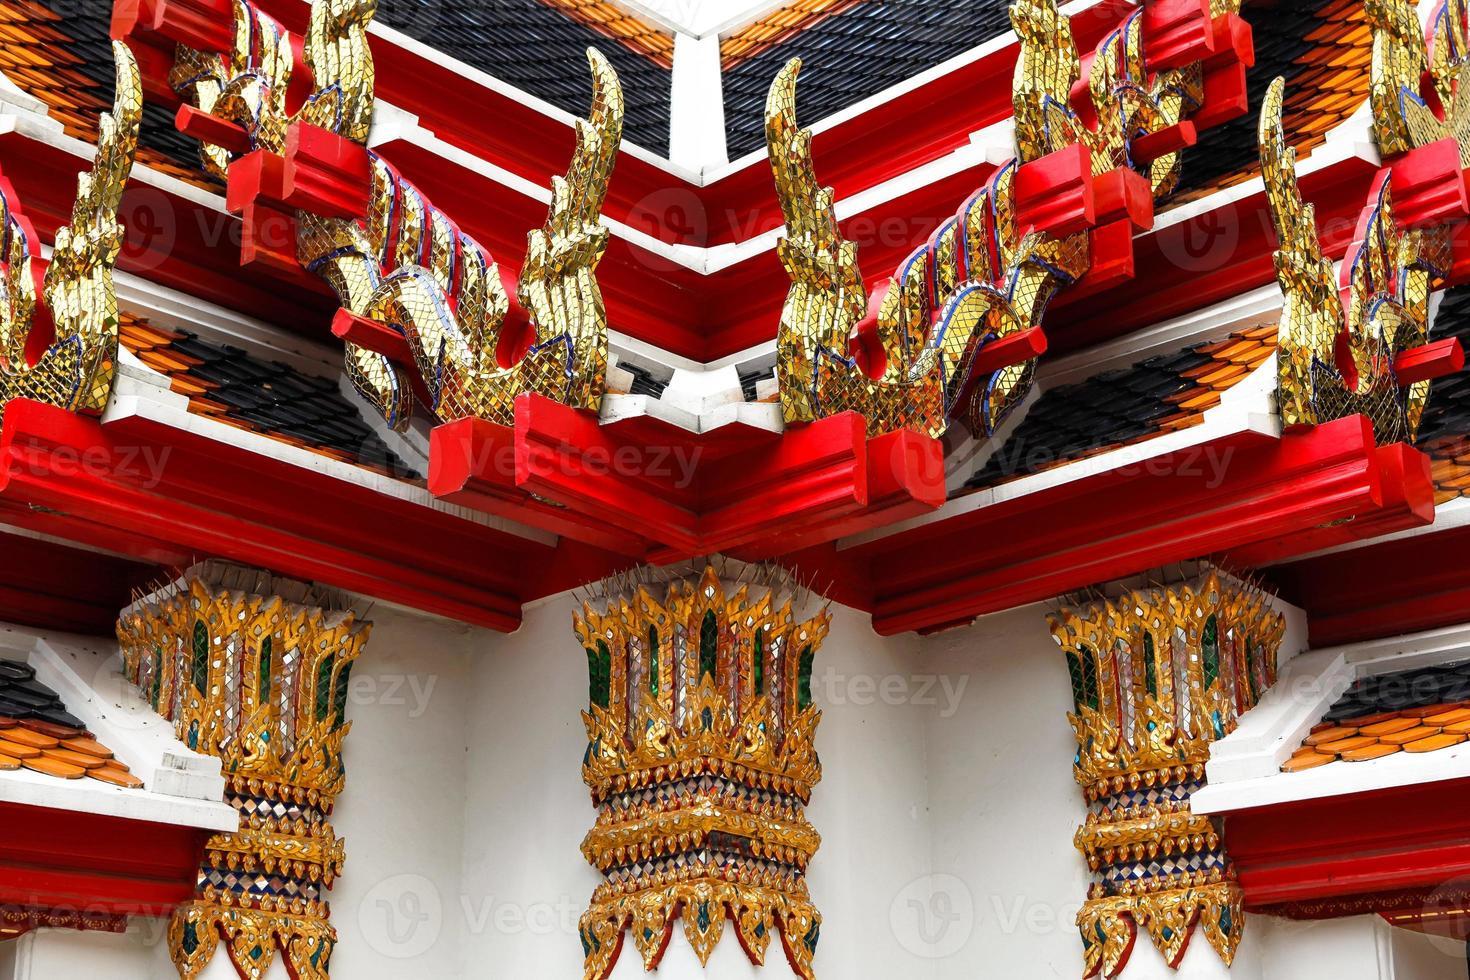 dekorativa element i ett buddhistiskt tempel foto